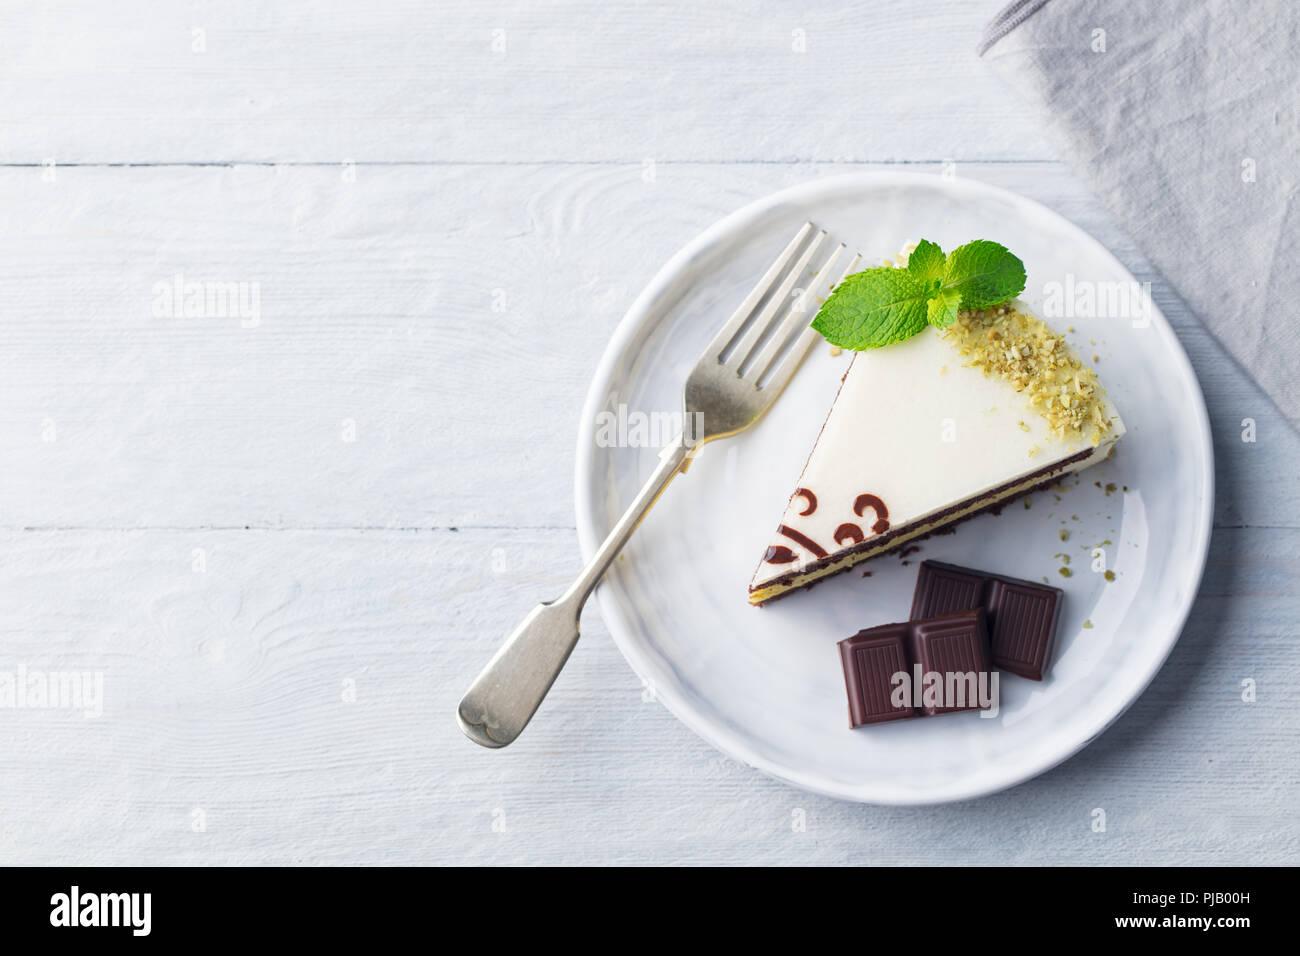 Gâteau au chocolat blanc avec feuille de menthe fraîche sur une assiette. Fond de bois. Copier l'espace. Haut vew. Photo Stock